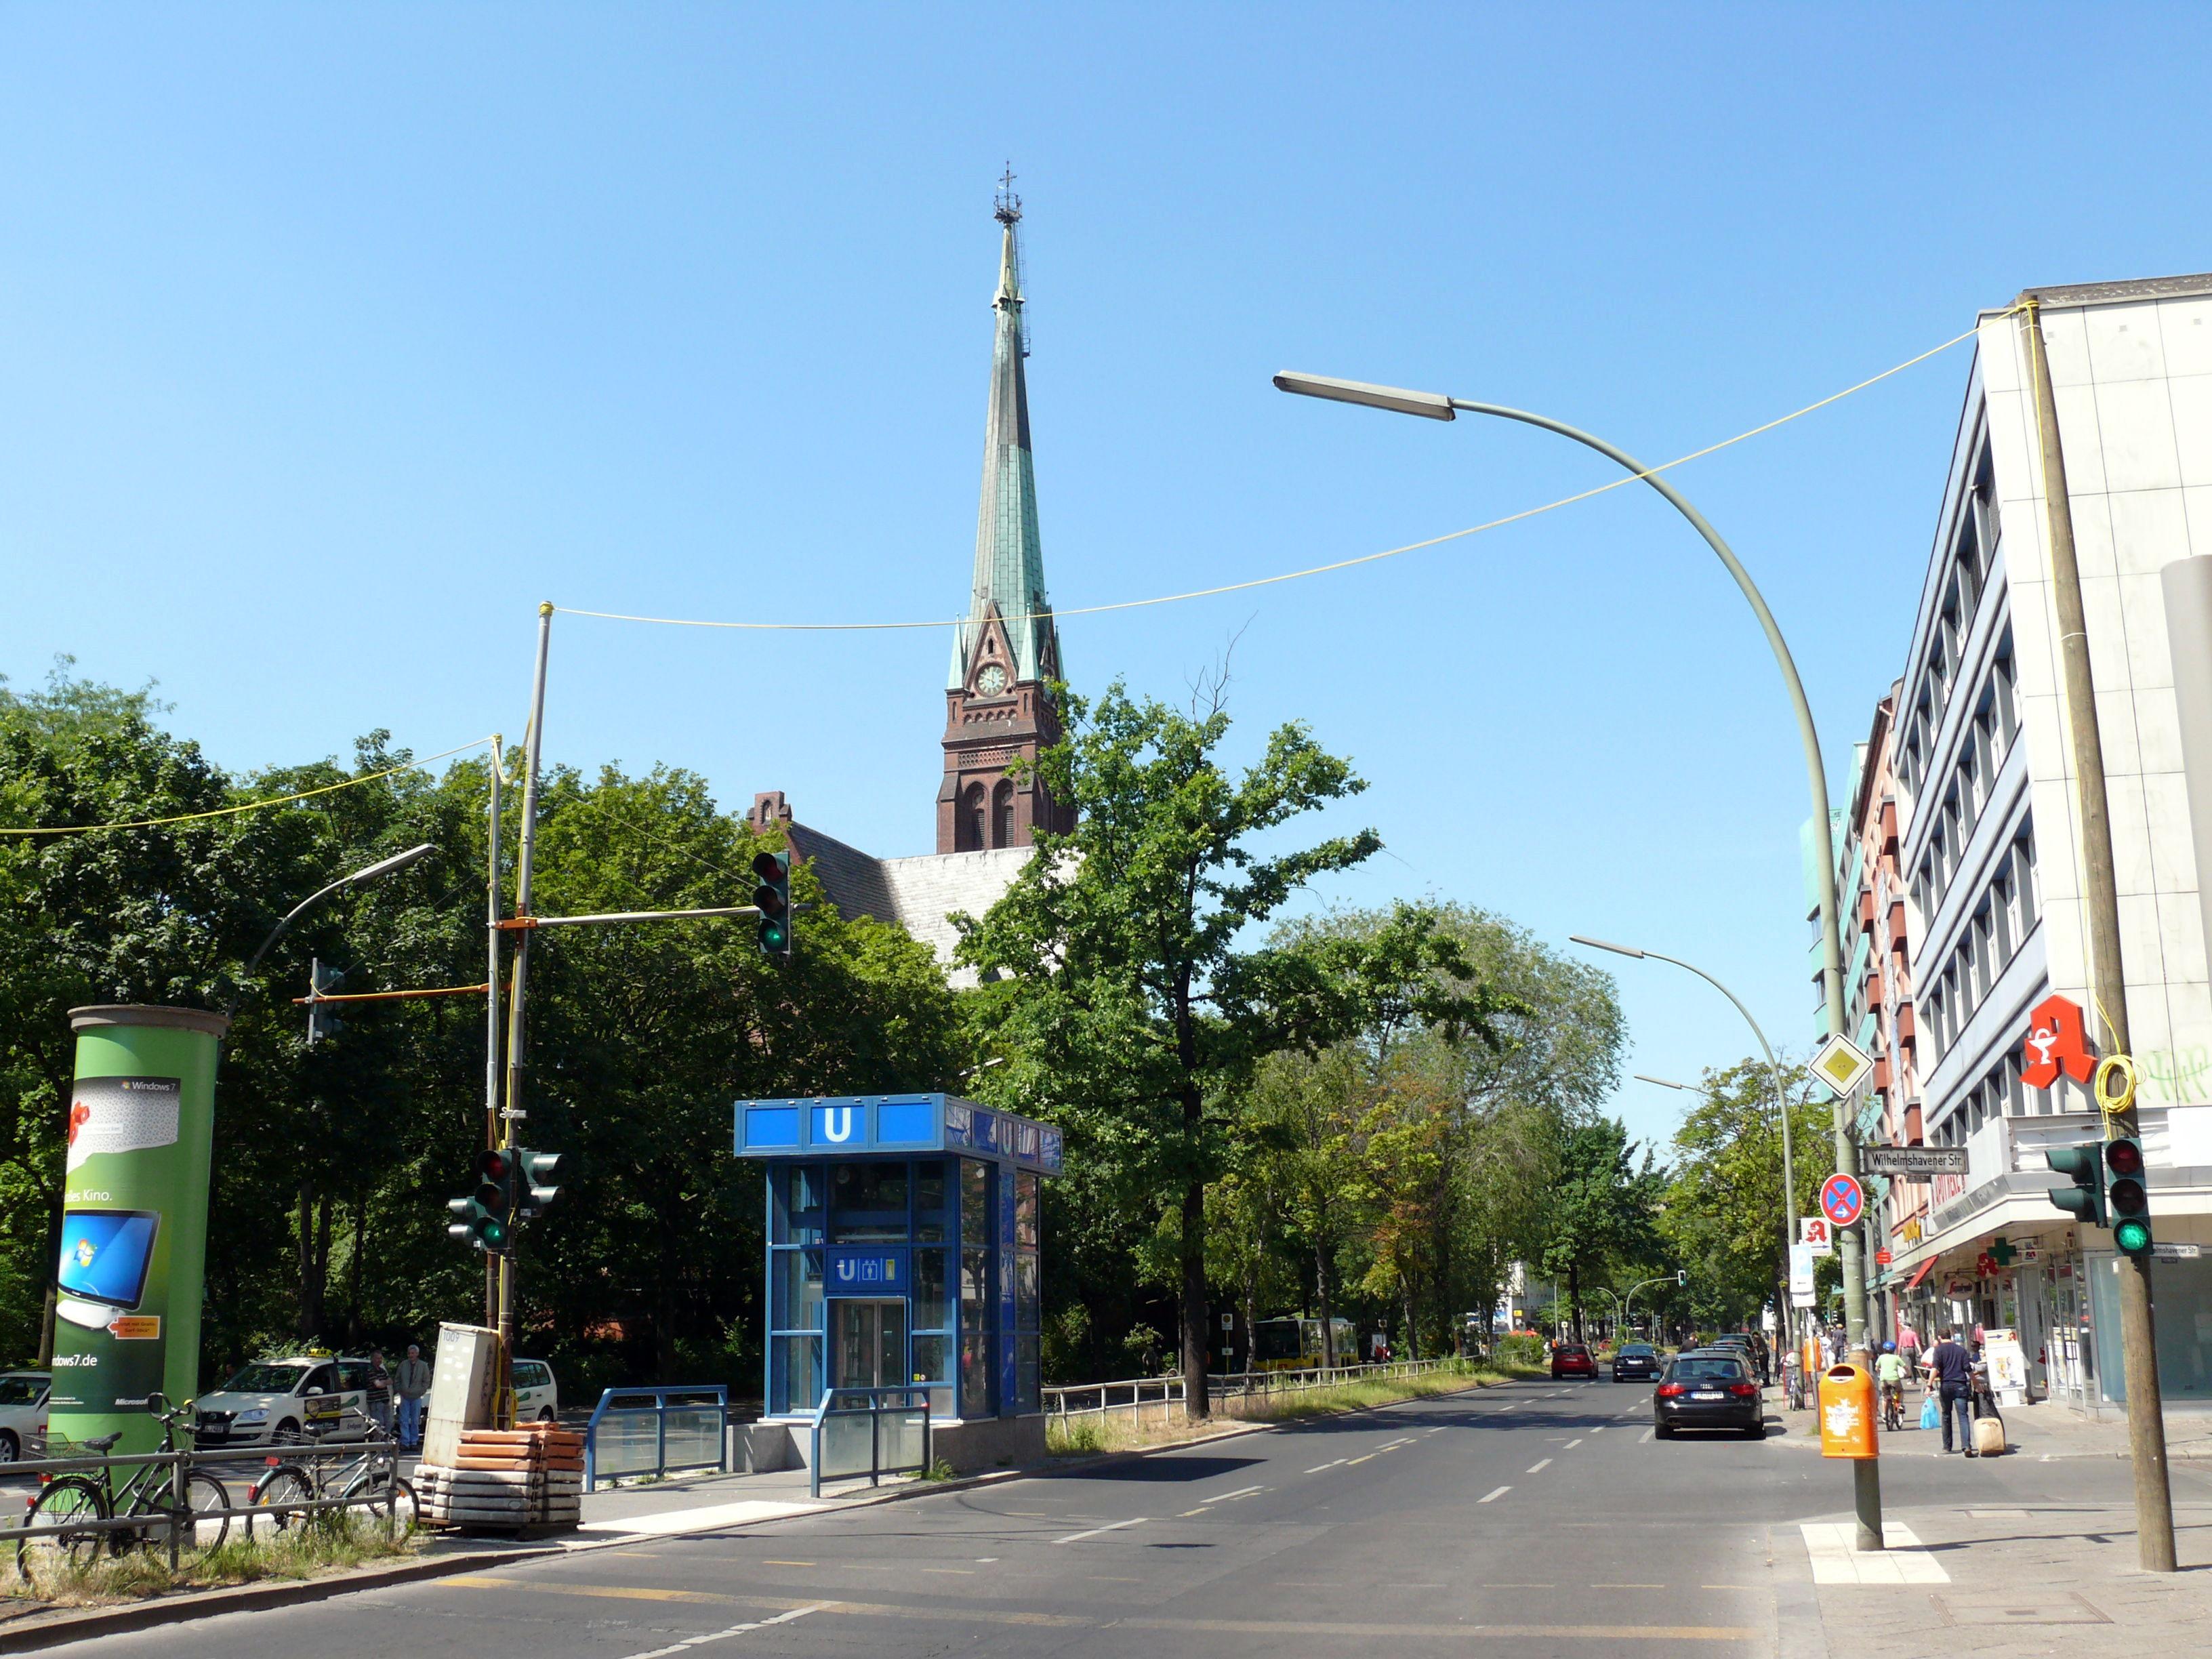 Wann kommt der nächste Bus? U-Bahnhof Turmstraße. Bildquelle: [1]